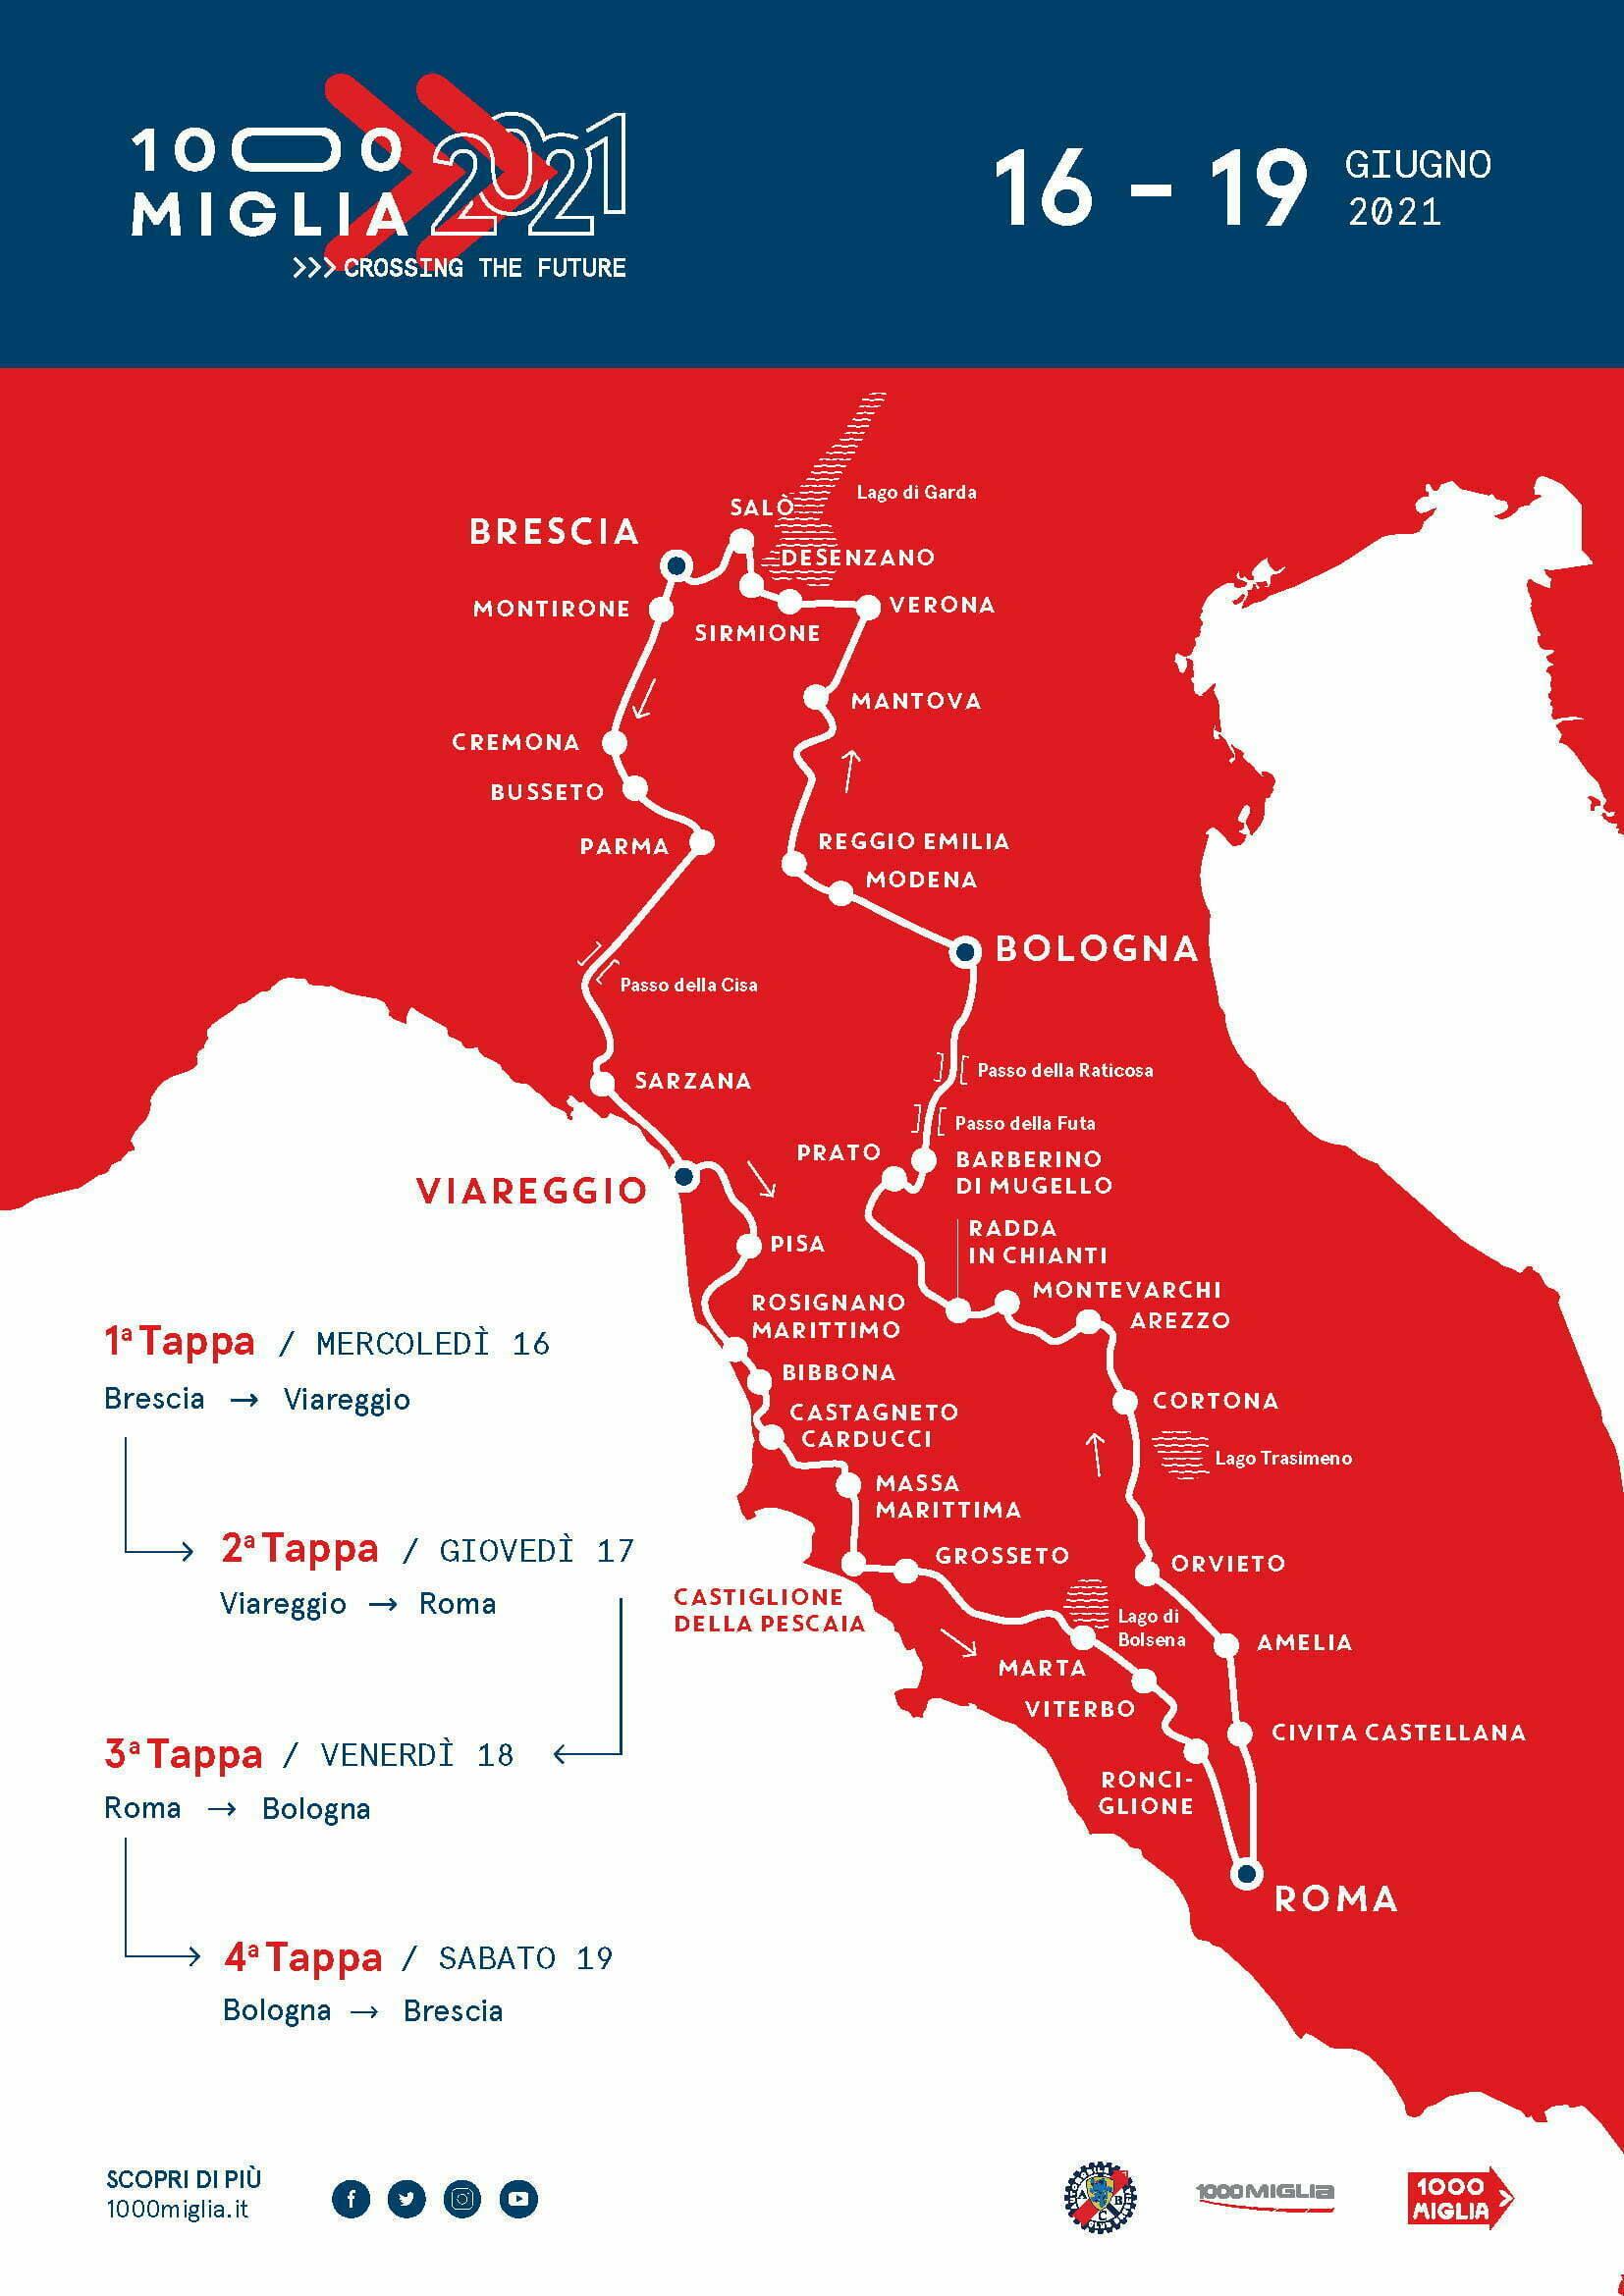 Roadmap 2021 1000 miglia